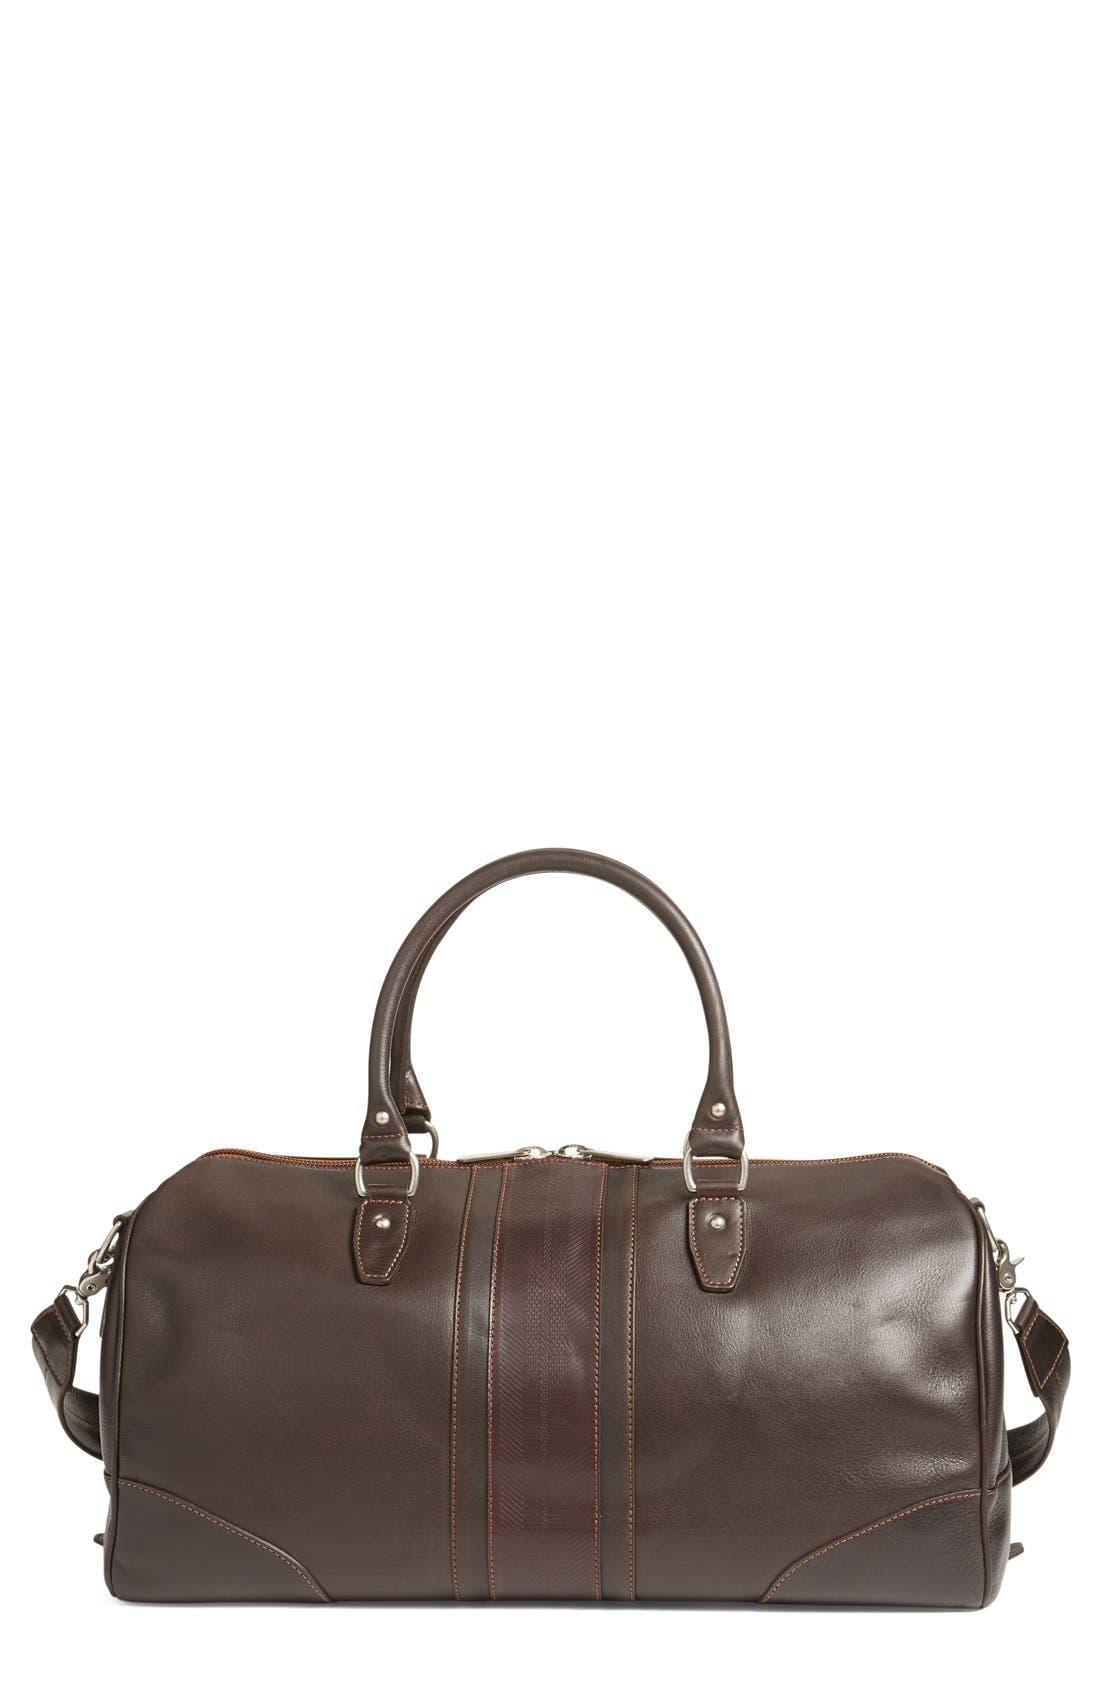 Martin Dingman 'Polocrosse' Duffel Bag